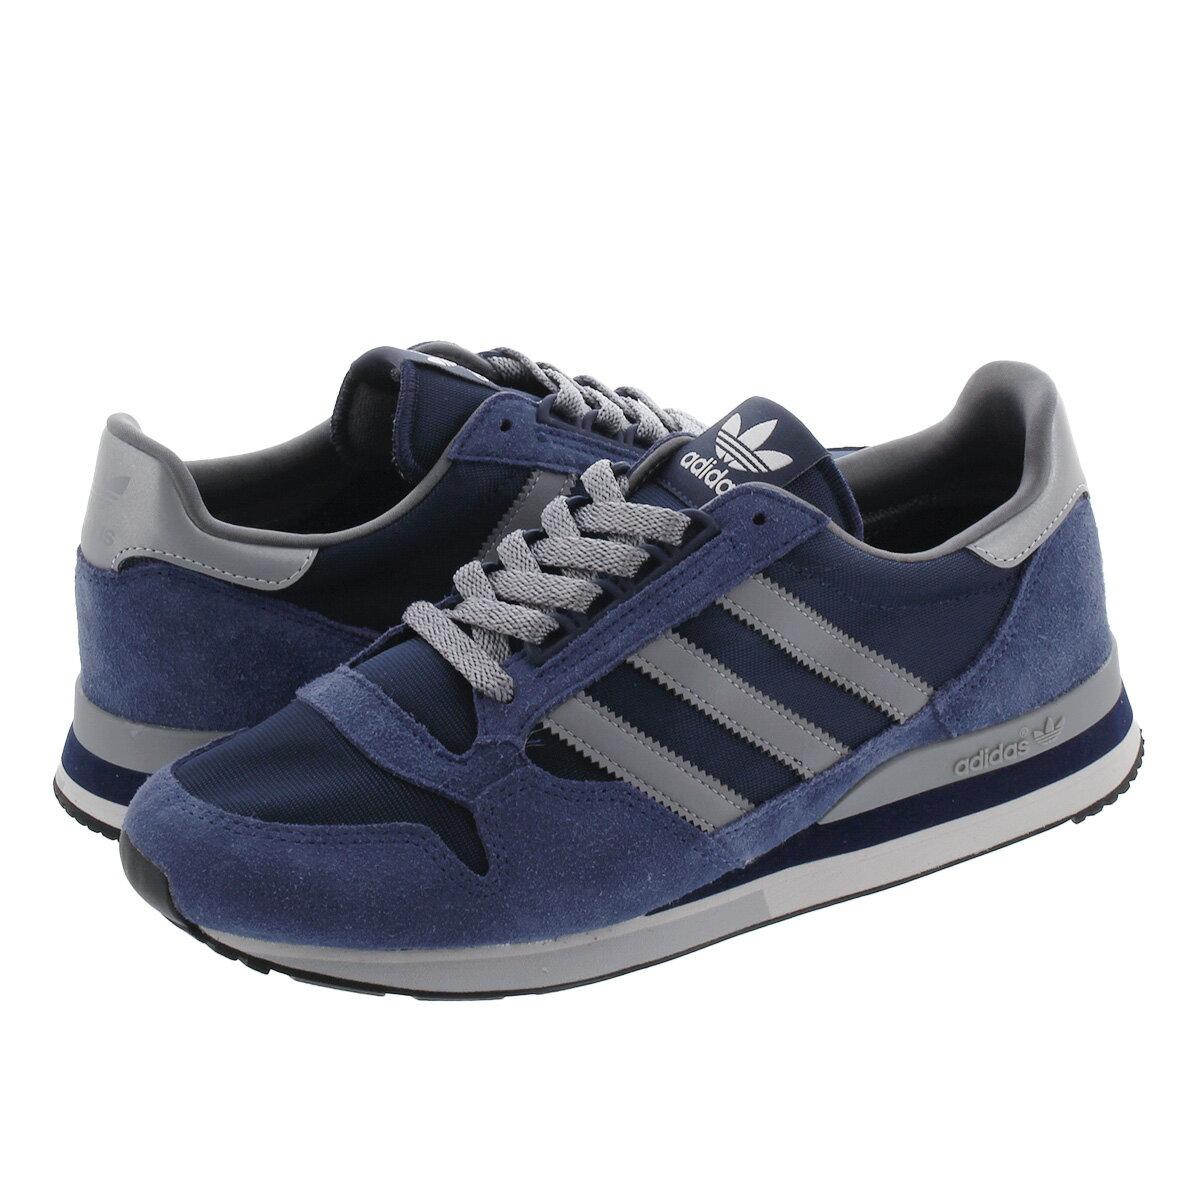 メンズ靴, スニーカー adidas ZX 500 500 COLLEGE NAVYGREYTECH INDIGO fw2812